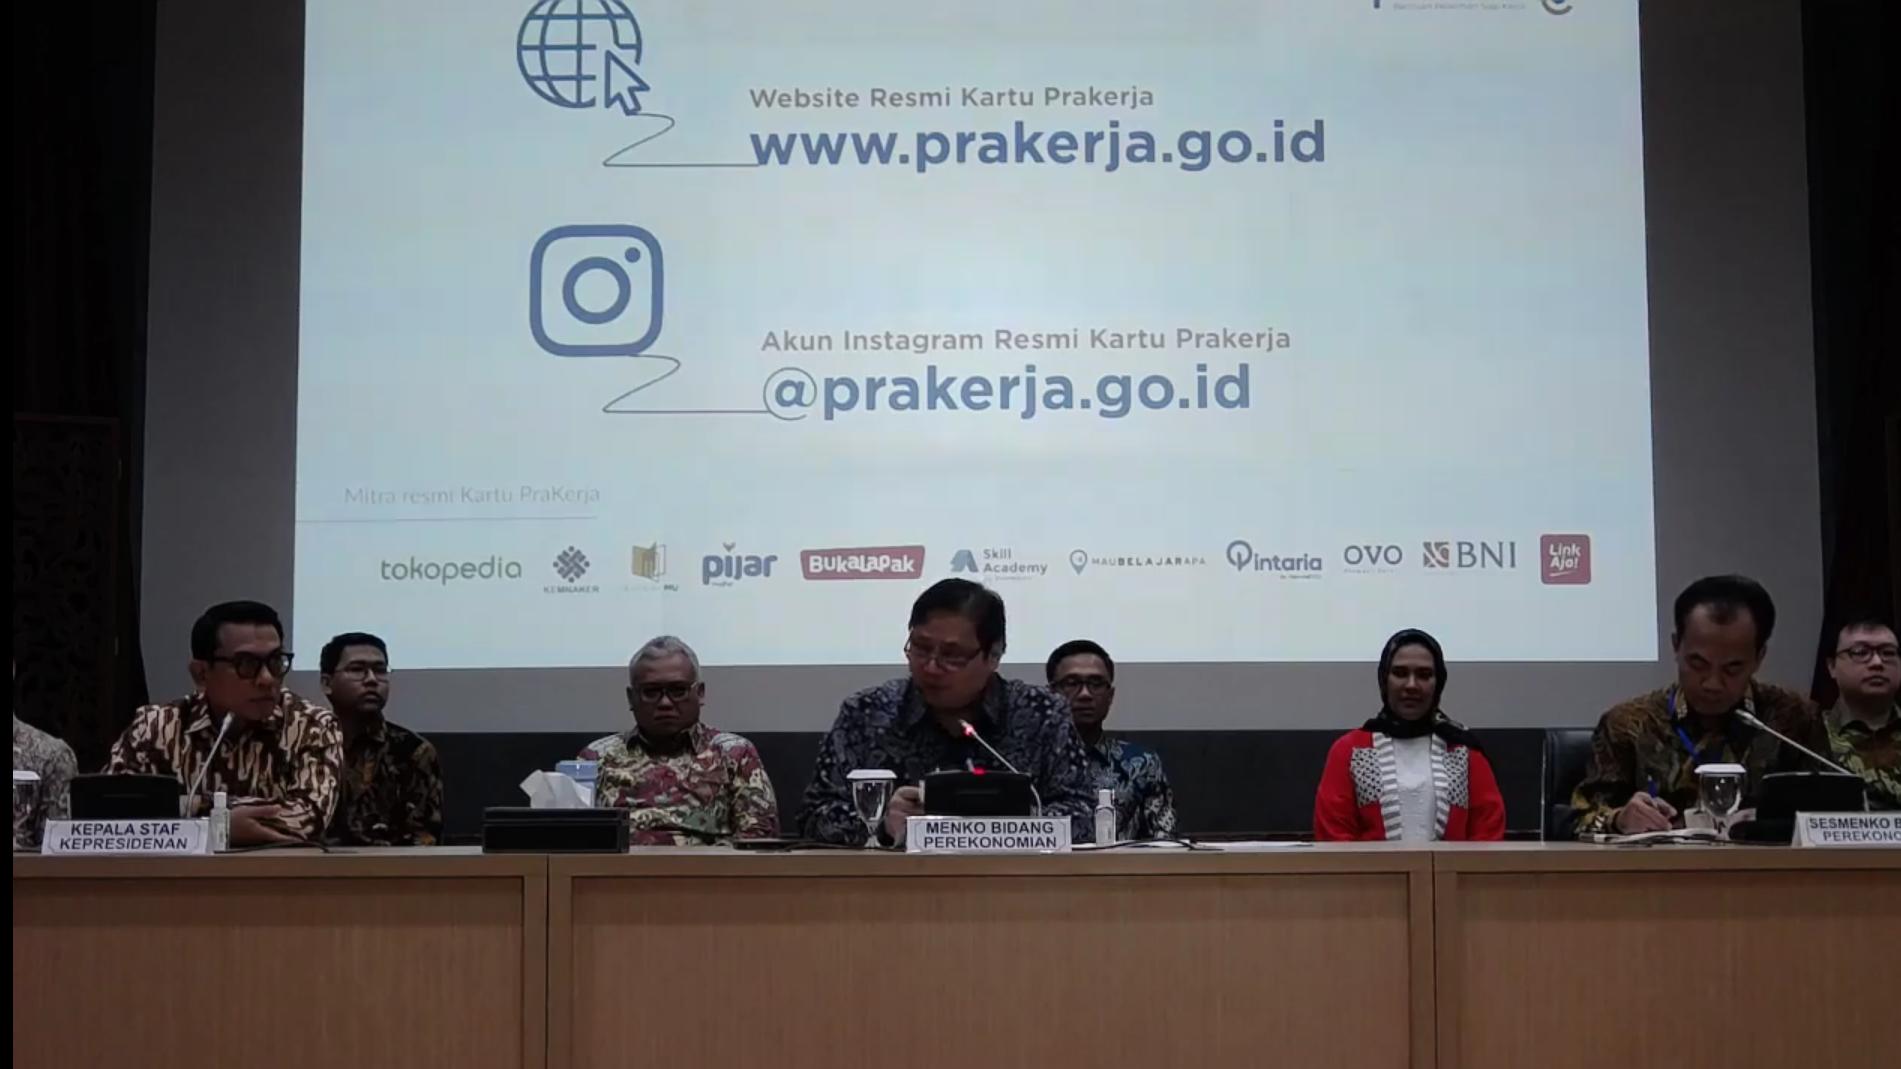 Pemerintah Luncurkan Situs Resmi Kartu Prakerja